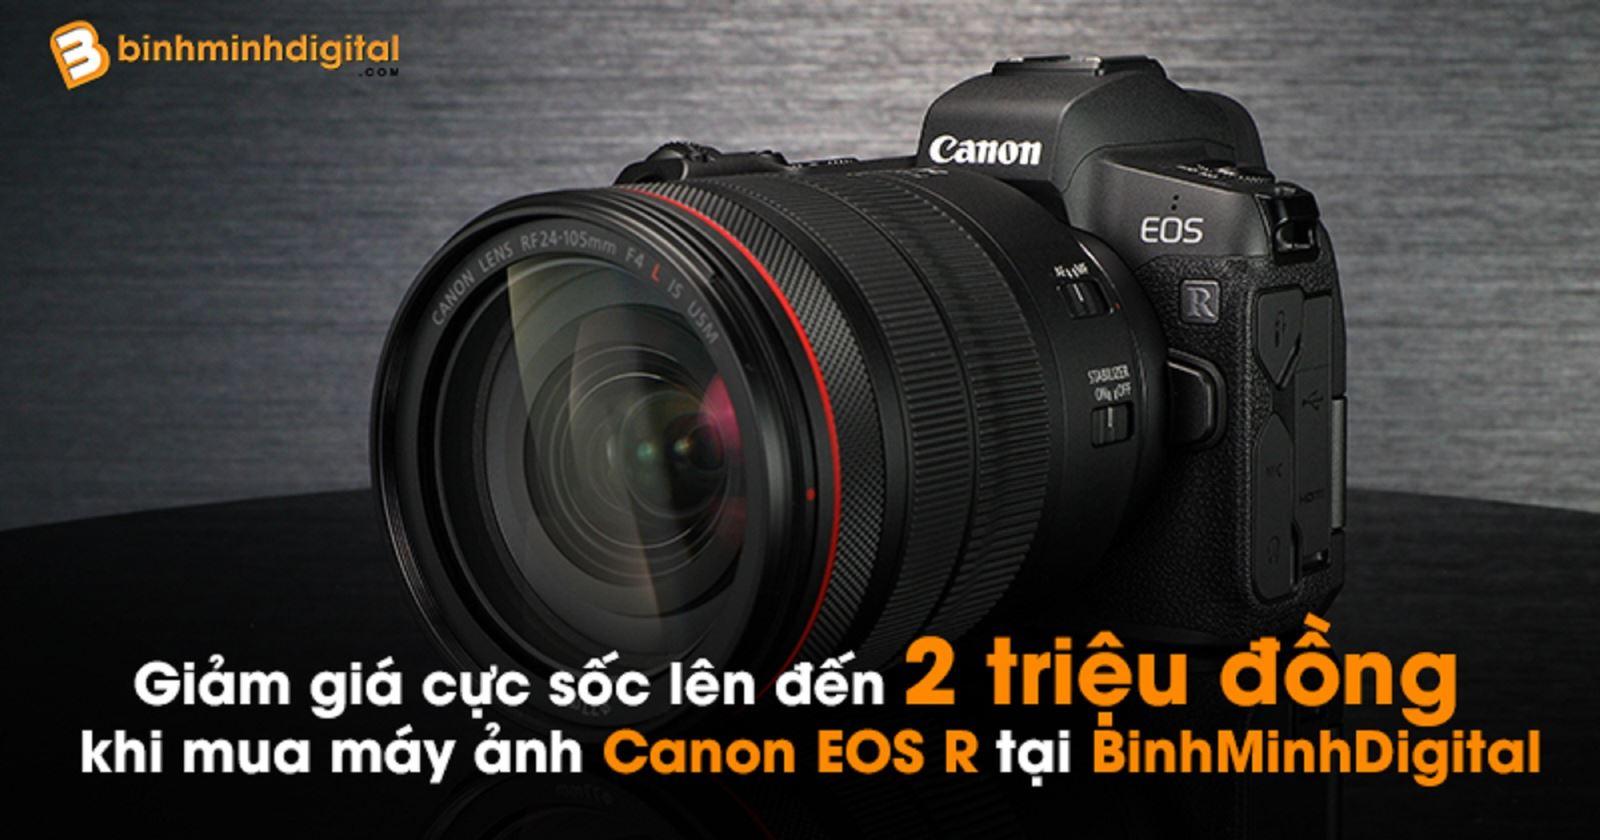 Giảm giá cực sốc lên đến 2 triệu đồng khi mua máy ảnhCanon EOS R tại BinhMinhDigital